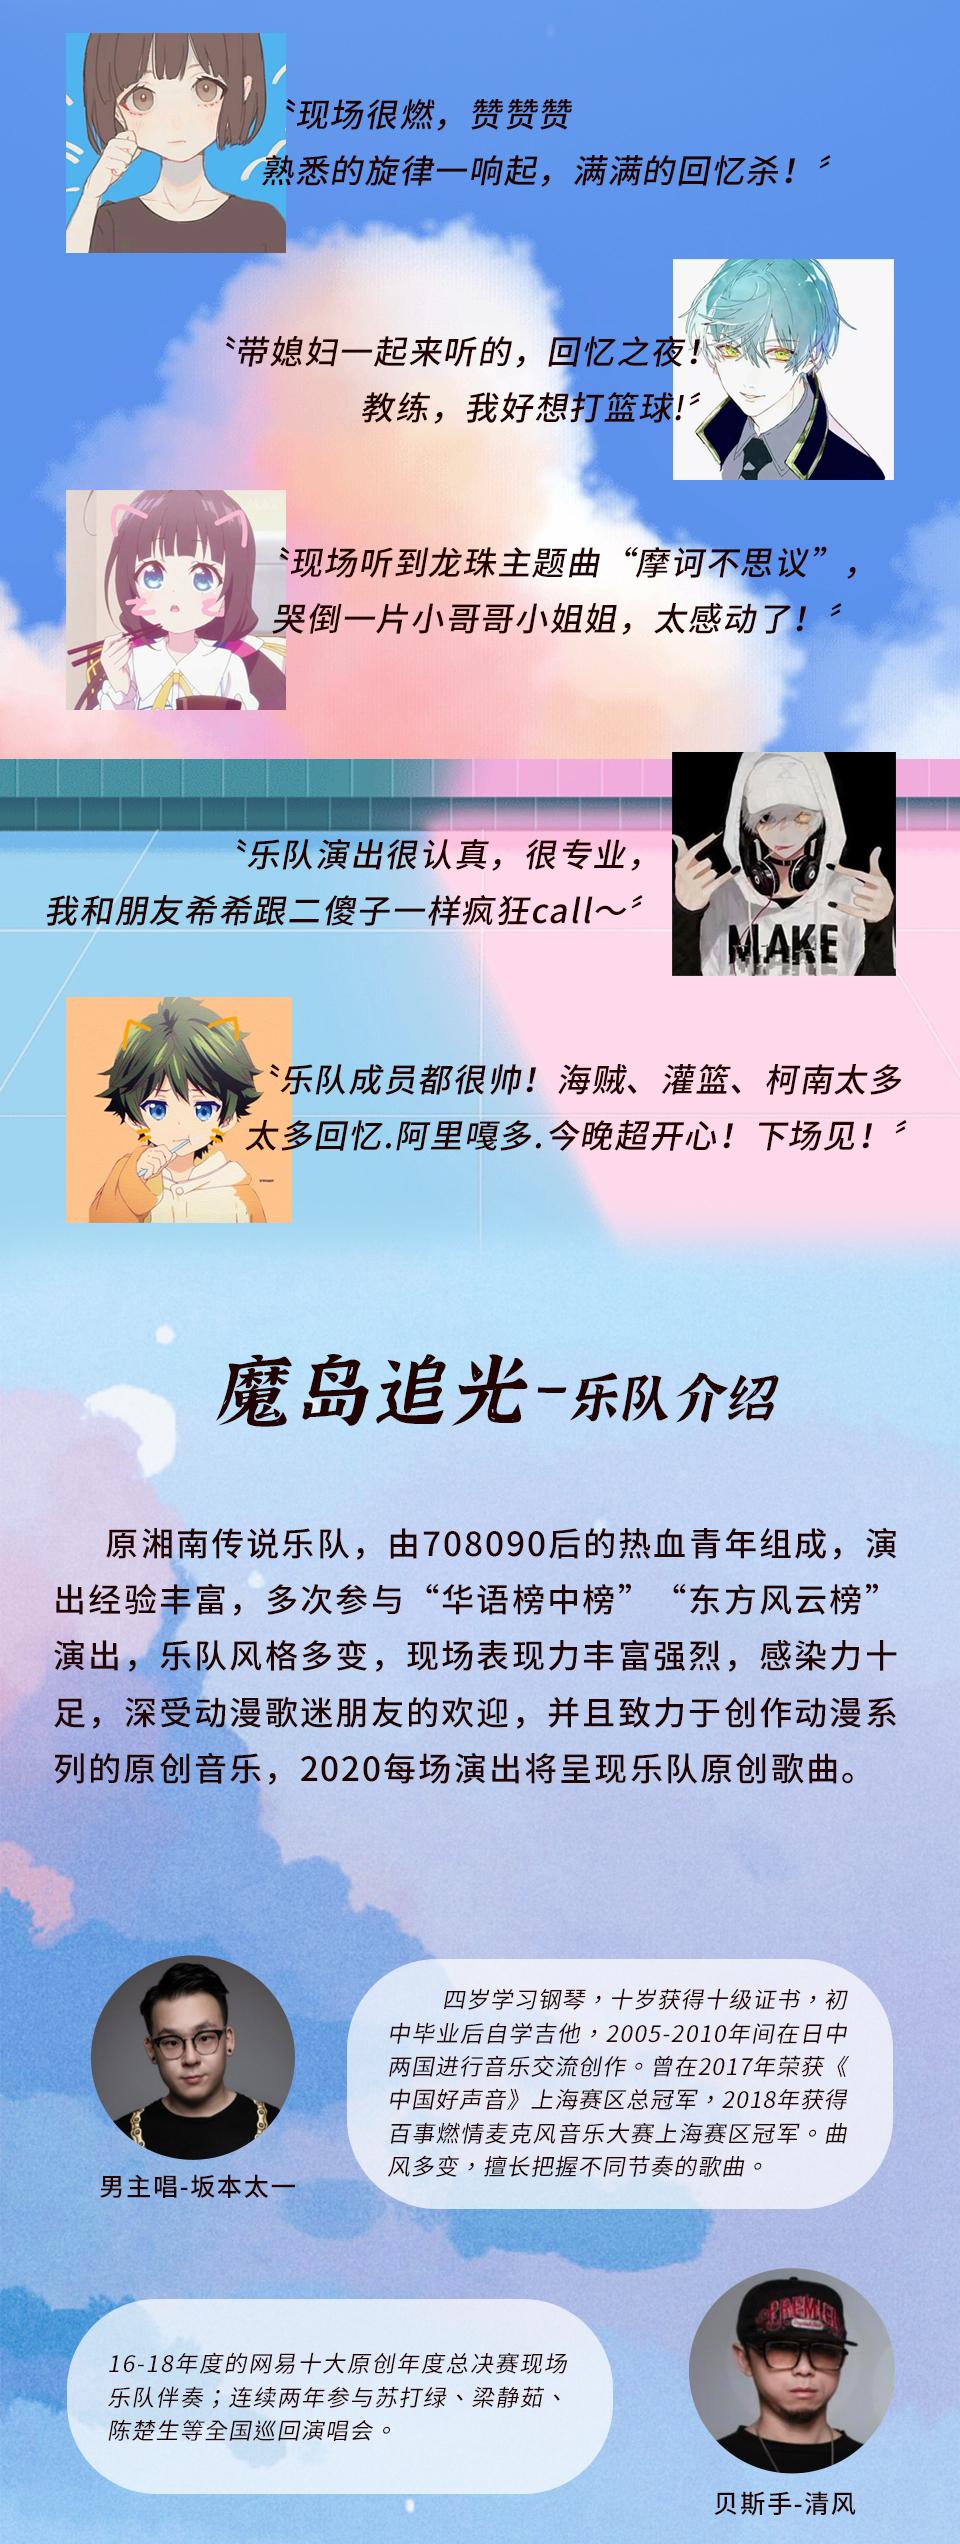 动漫长图文_07.jpg